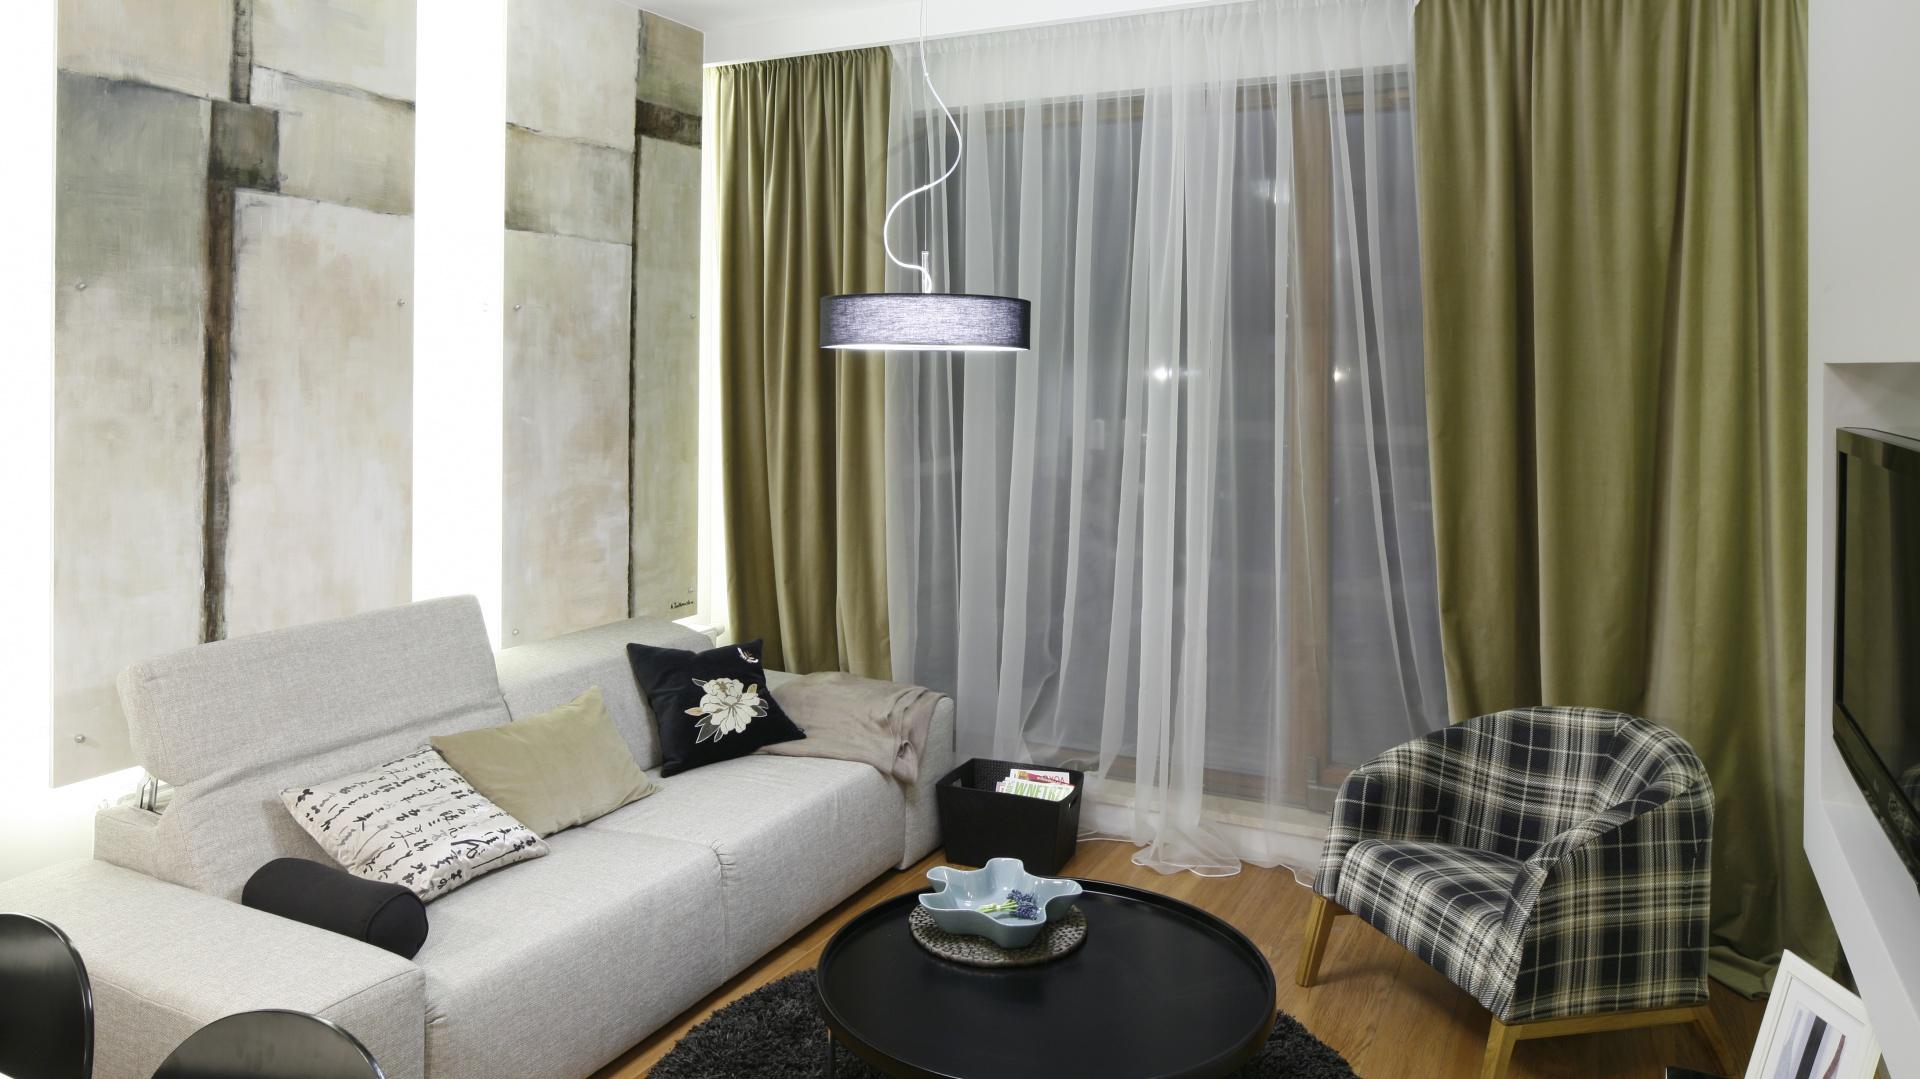 Pokój dzienny tworzy całość...  Mały salon w bloku. 15 propozycji aranżacji  Strona: 9